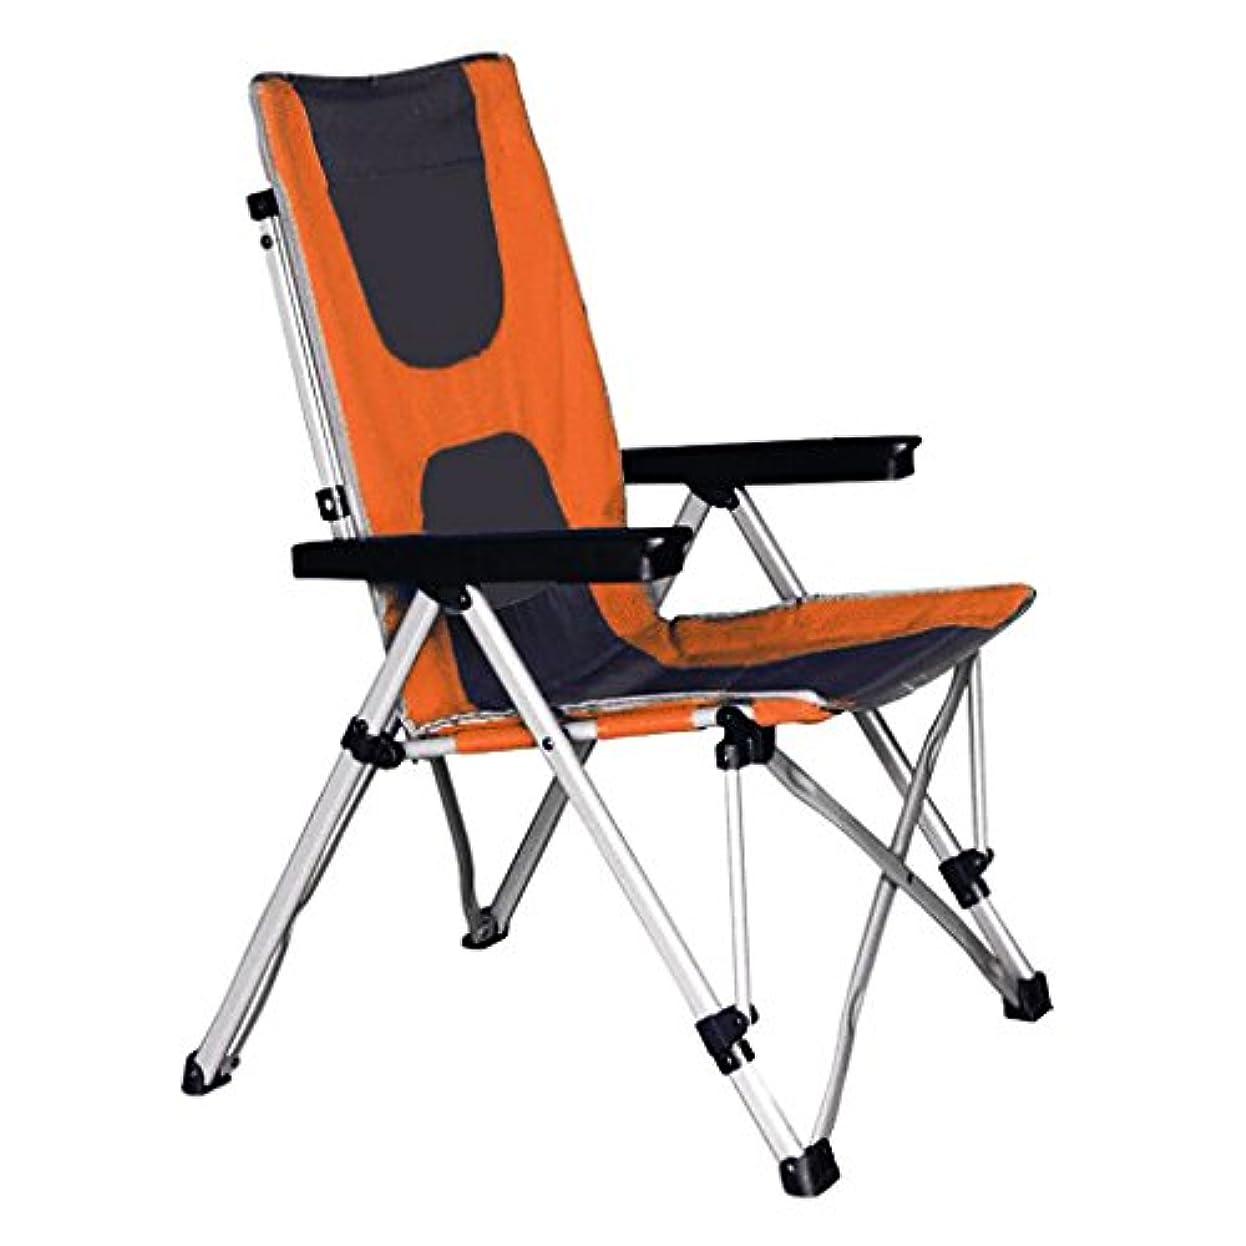 版噴出する紀元前折り畳み式椅子二重使用のリクライナーポータブルチェアランチブレイクビーチチェアキャンプフィッシングチェア4スピード調整